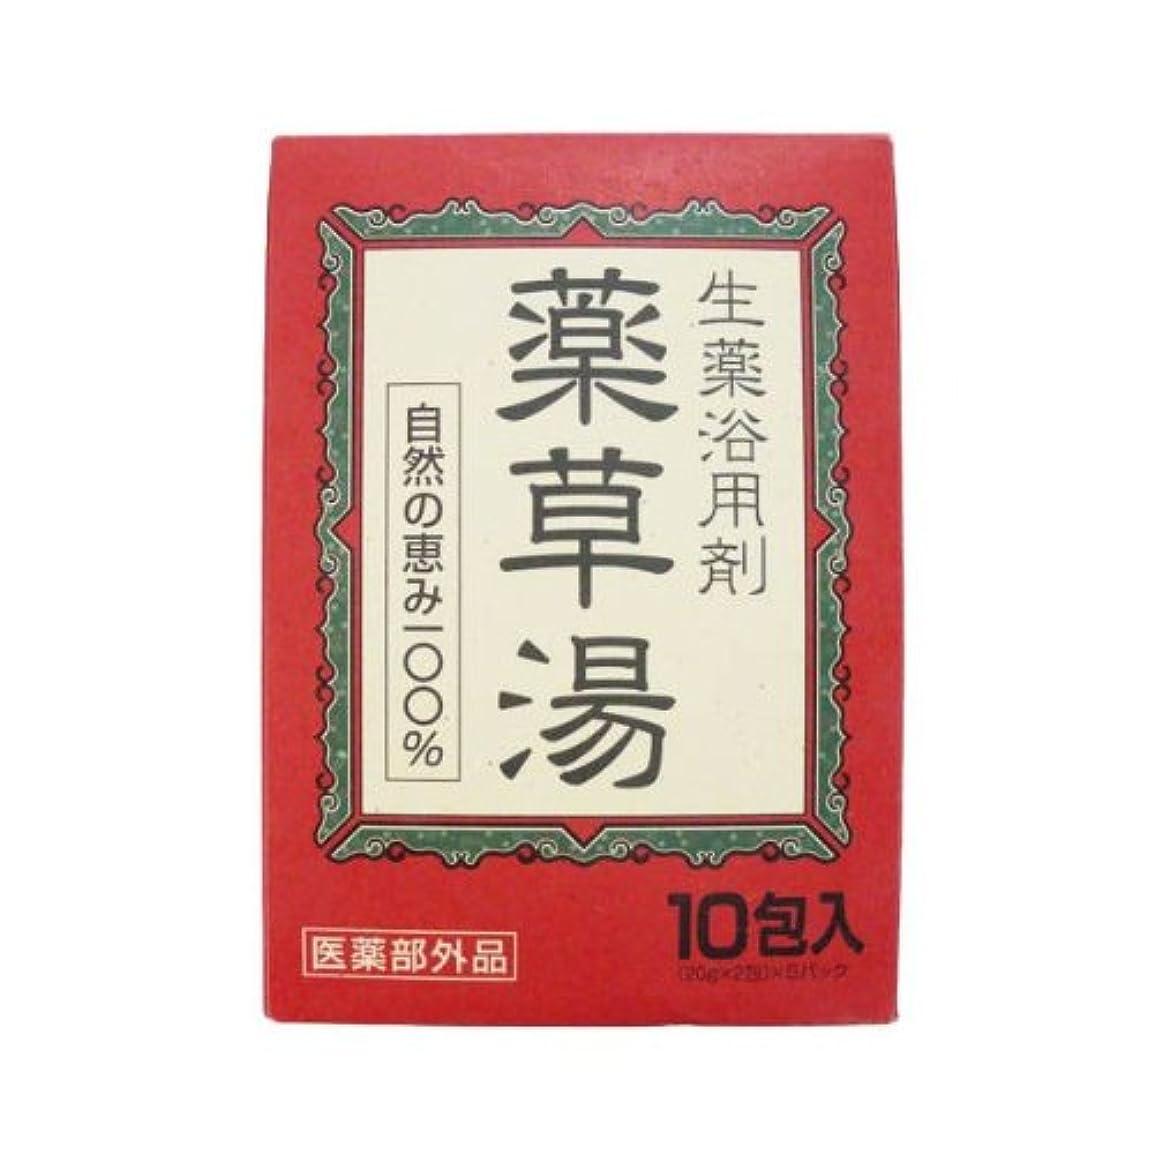 寛大さ悲劇アブストラクトVVN生薬入浴剤薬草湯10包×(20セット)